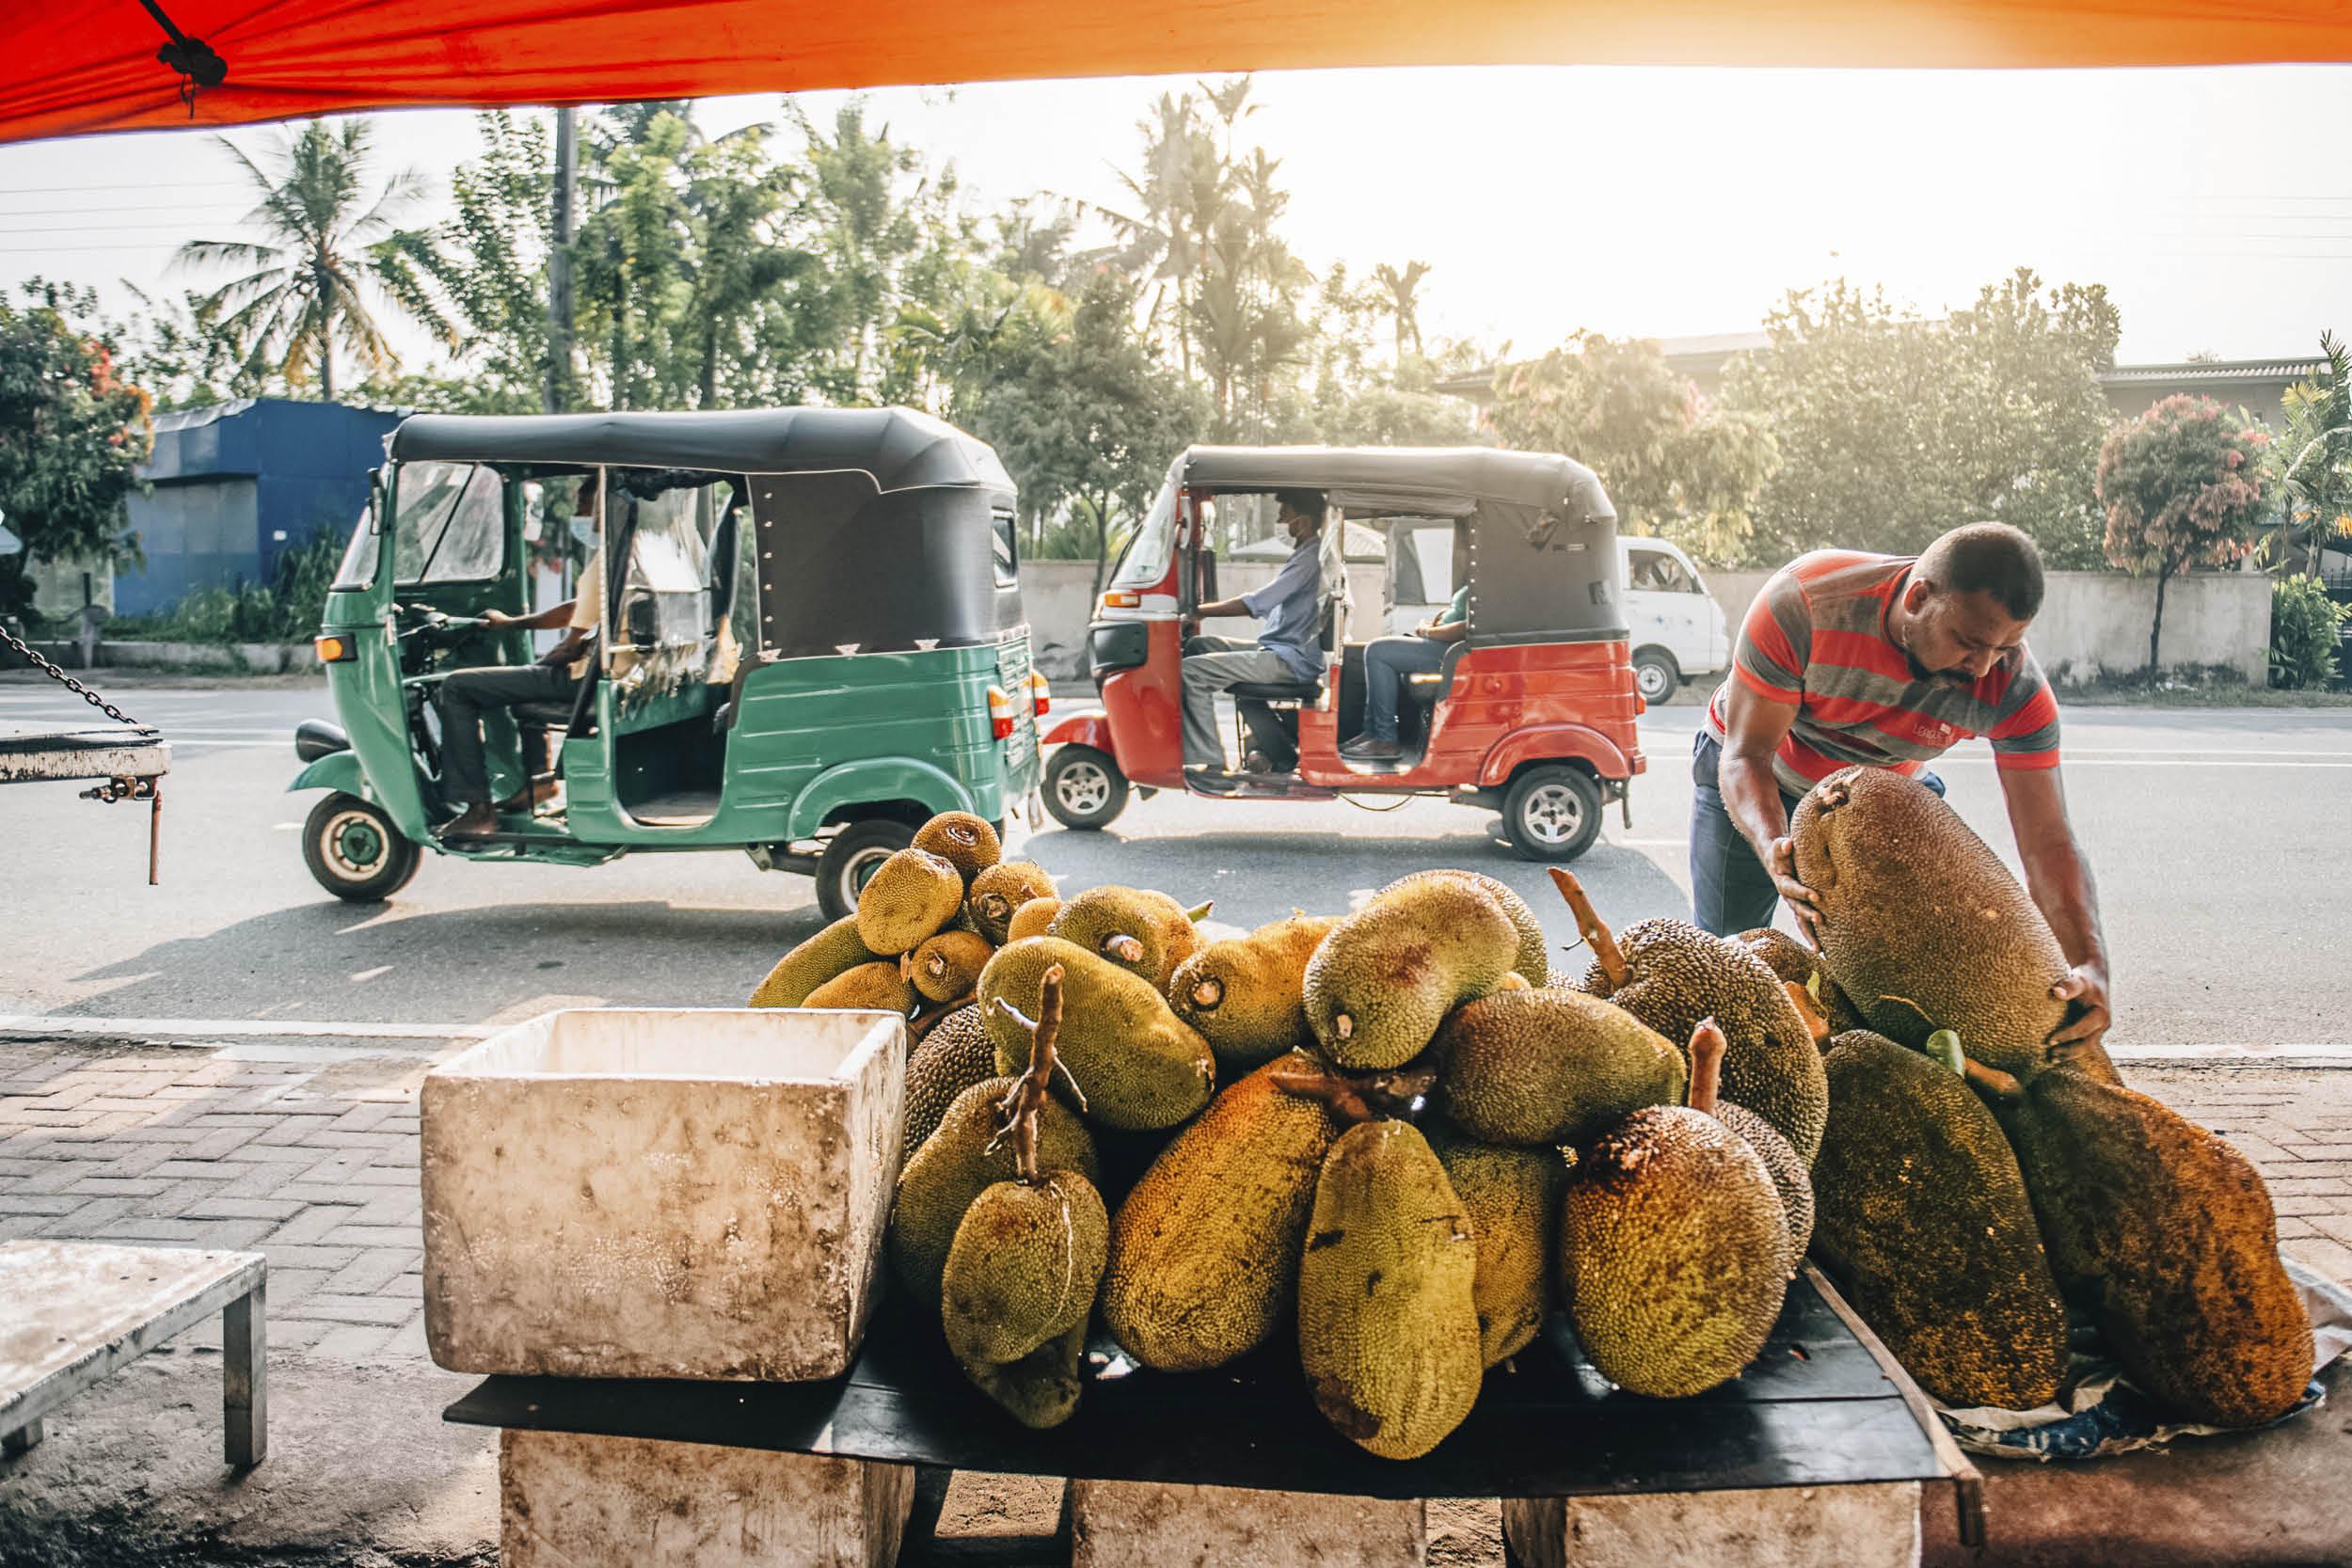 斯里蘭卡是盛產大樹菠蘿的國度,由剖皮、取肉,乃至烹煮大核,都是當地人的拿手本領。